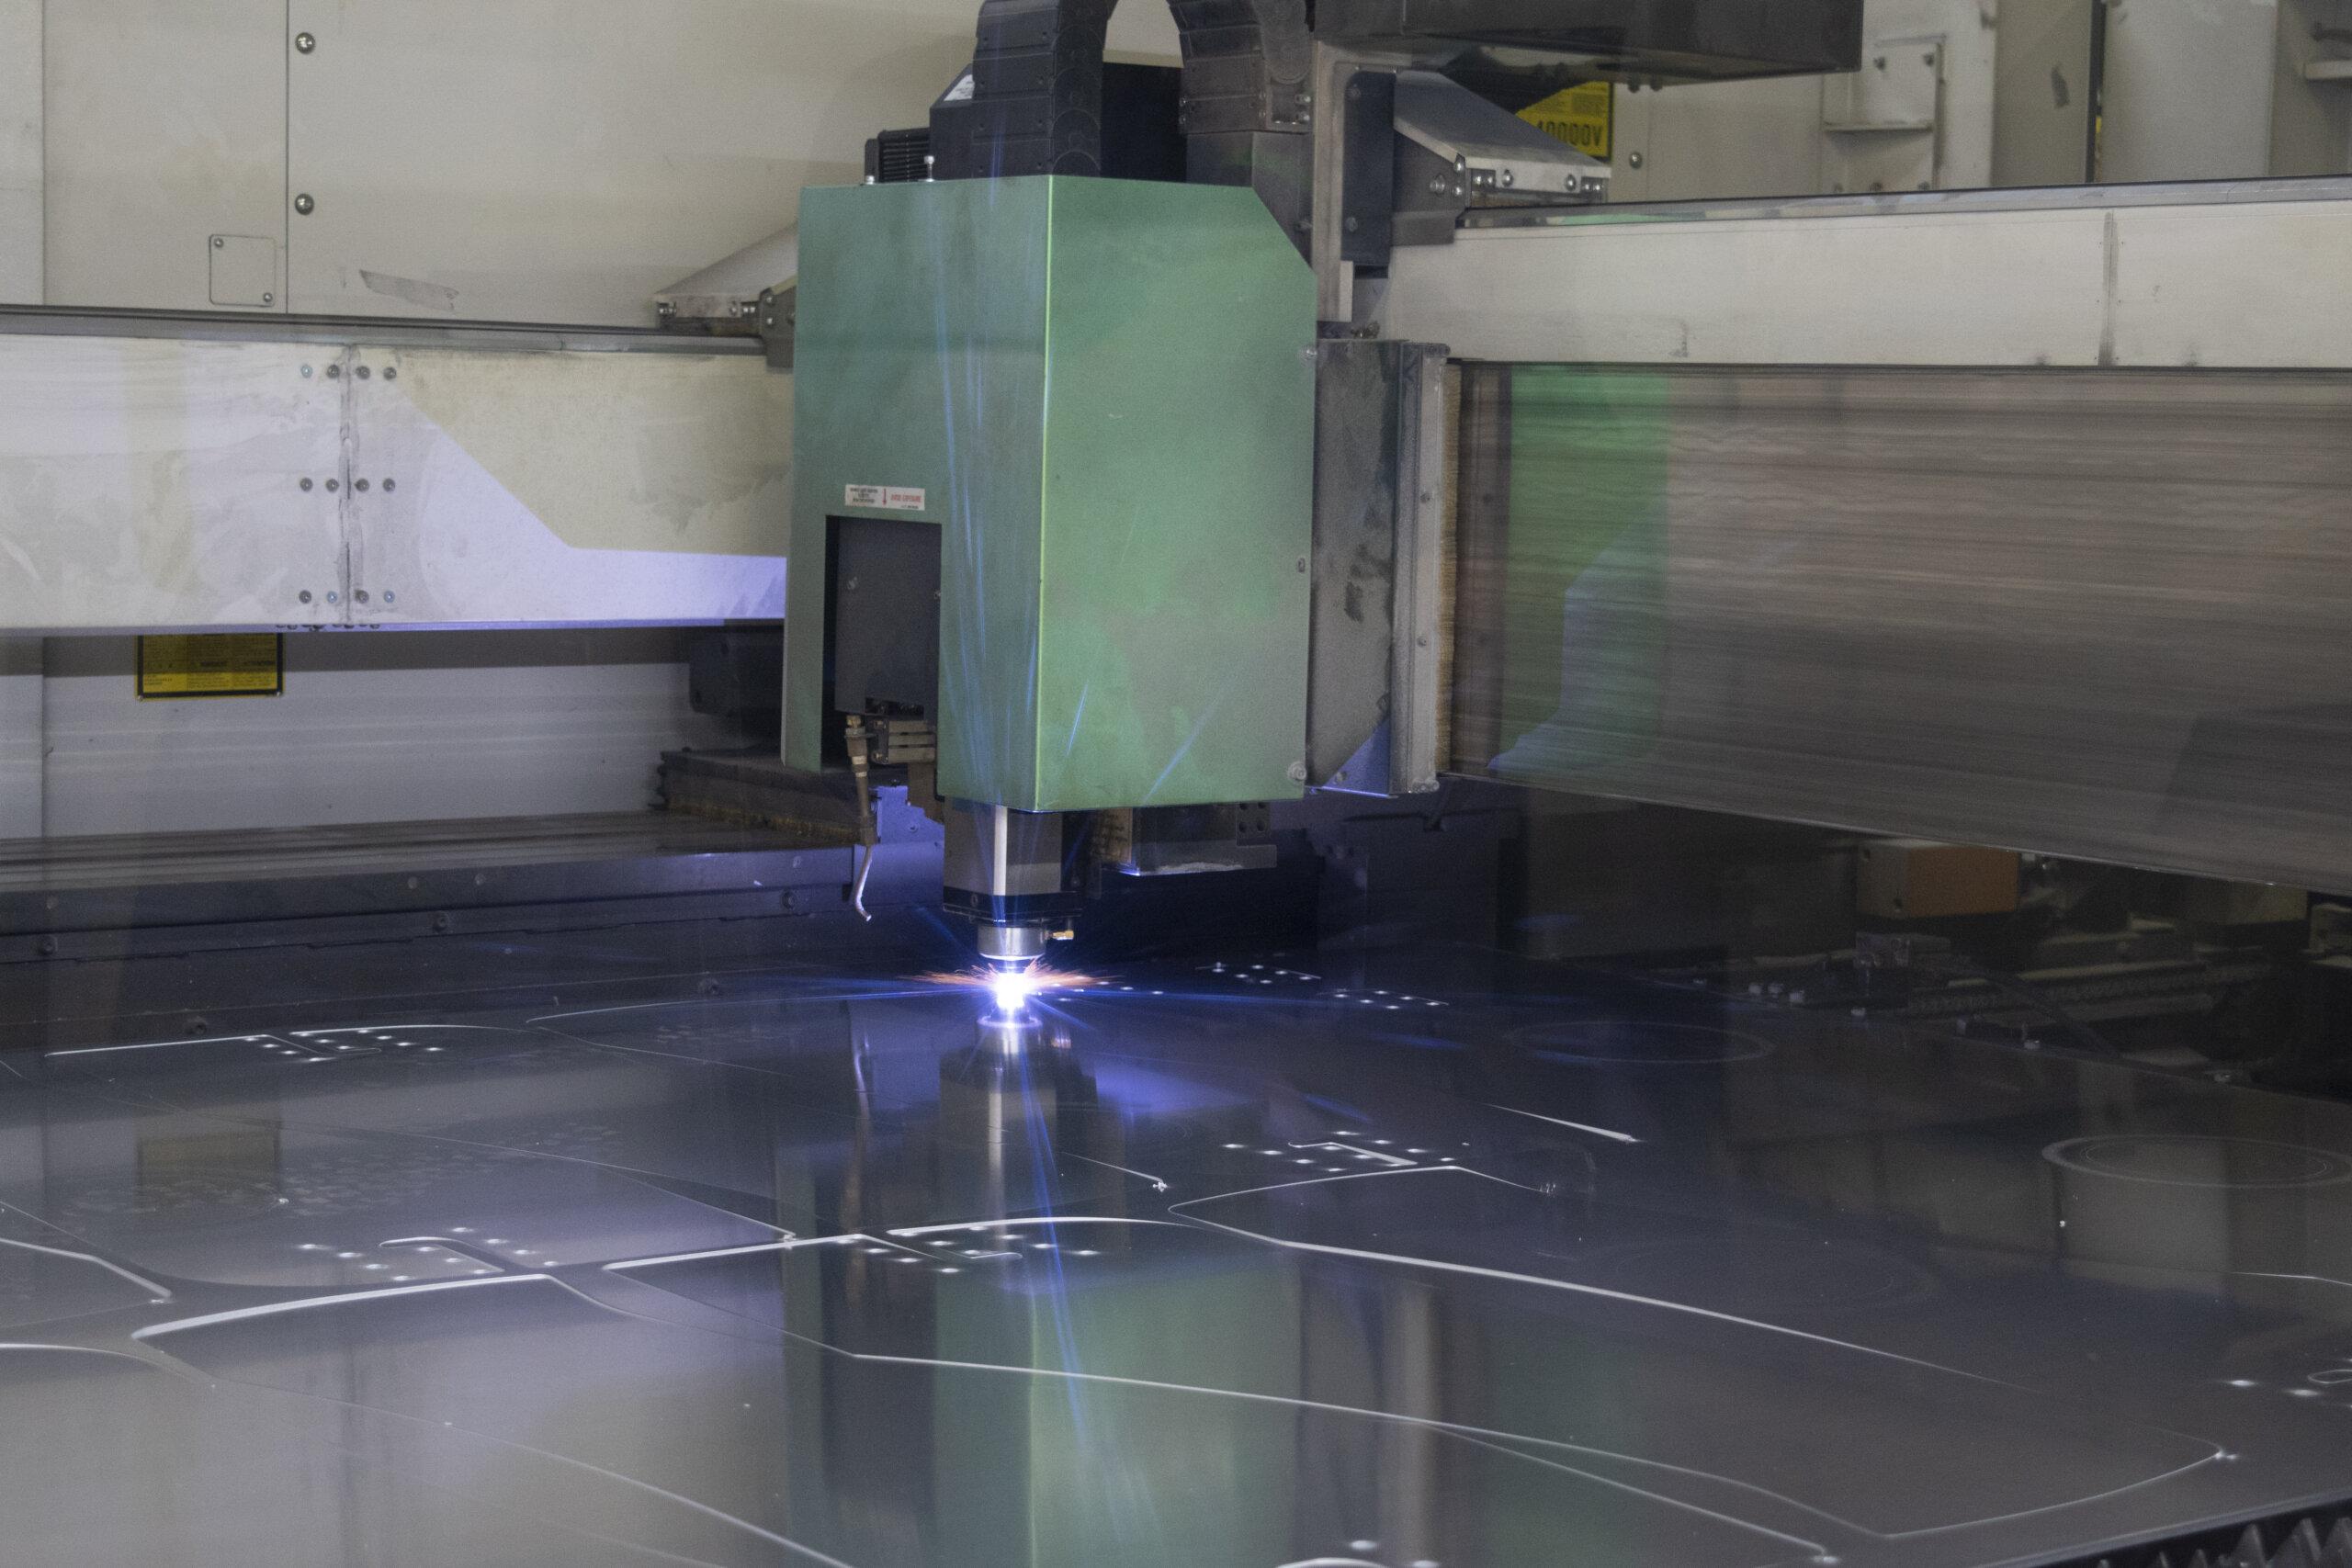 https://jdmfg.com/wp-content/uploads/2020/01/Laser-scaled.jpg